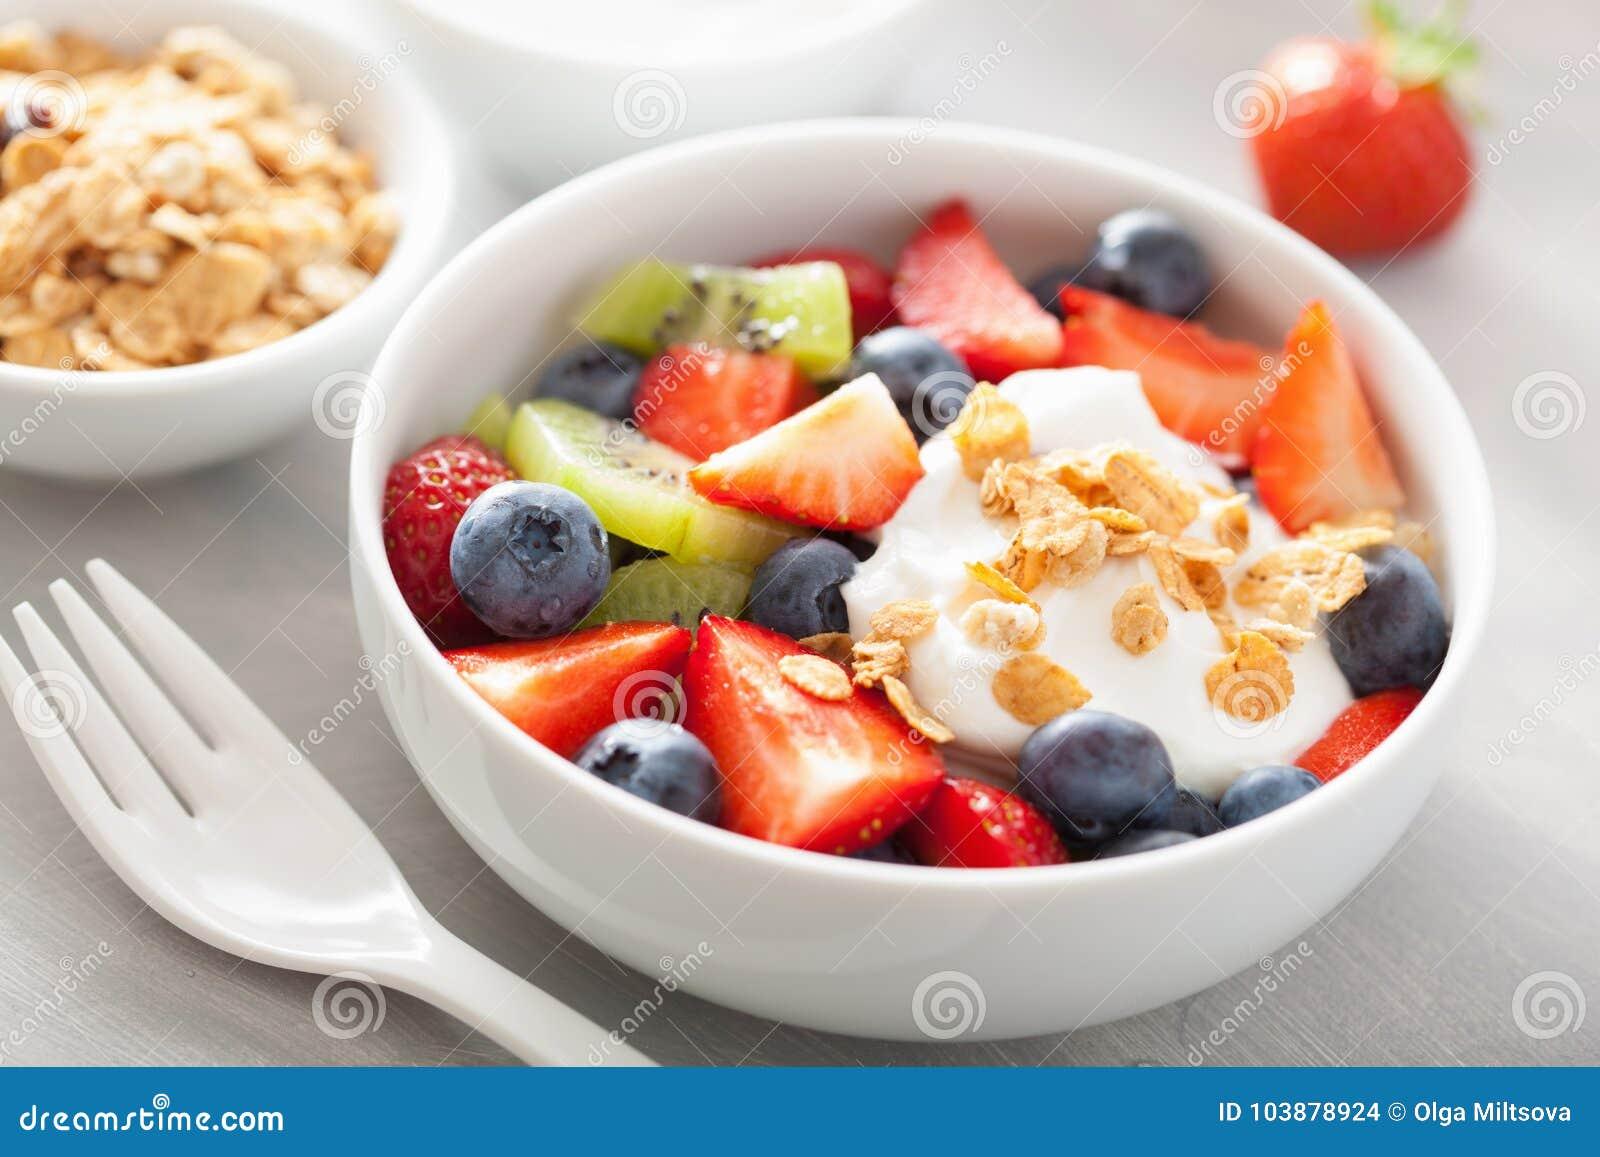 ensalada de fruta con yogurt y cereal